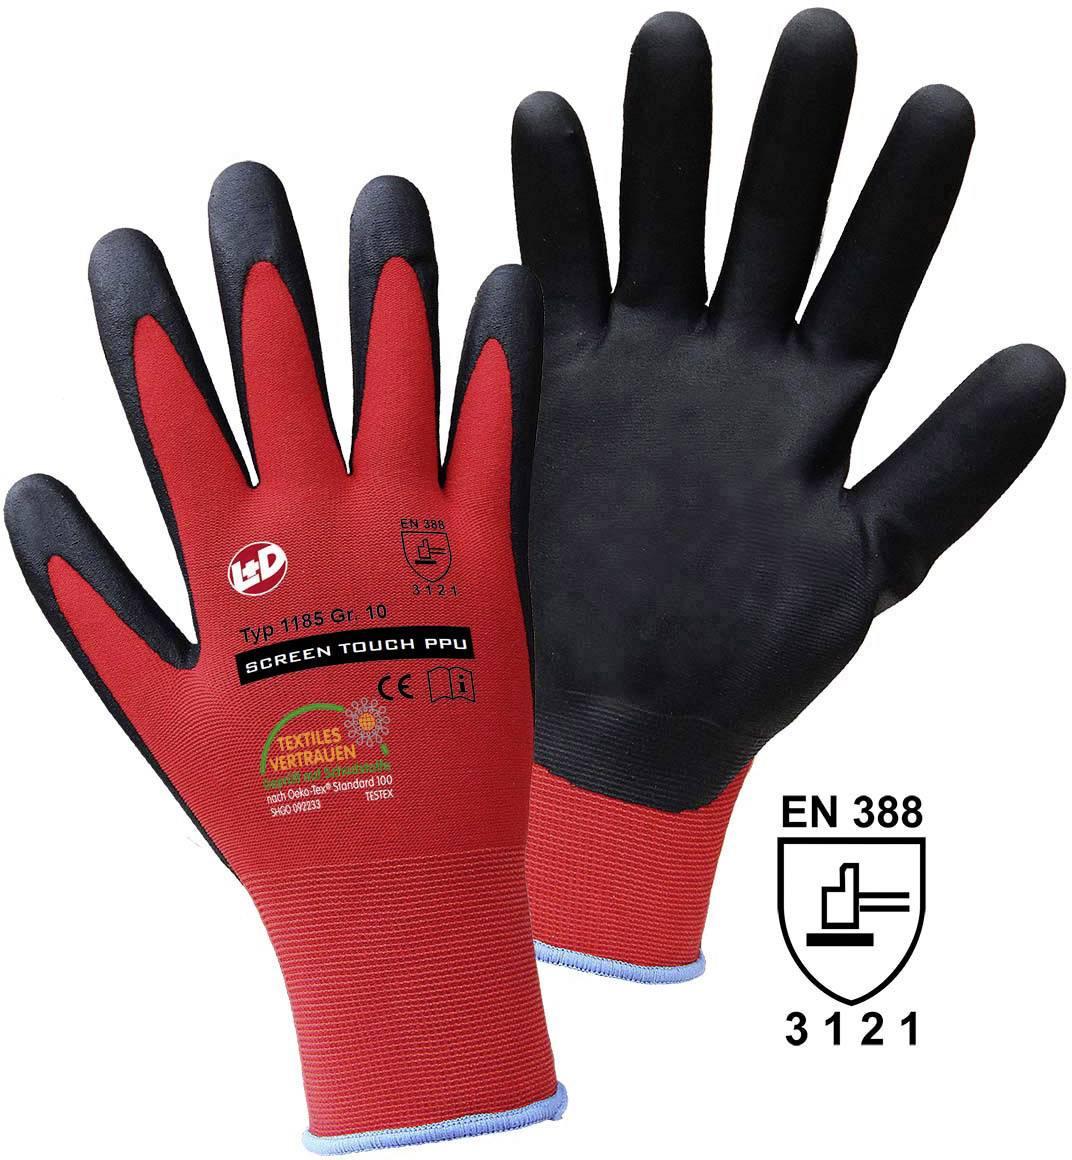 Pracovní rukavice Griffy SCREEN TOUCH PPU 1185, velikost rukavic: 7, S